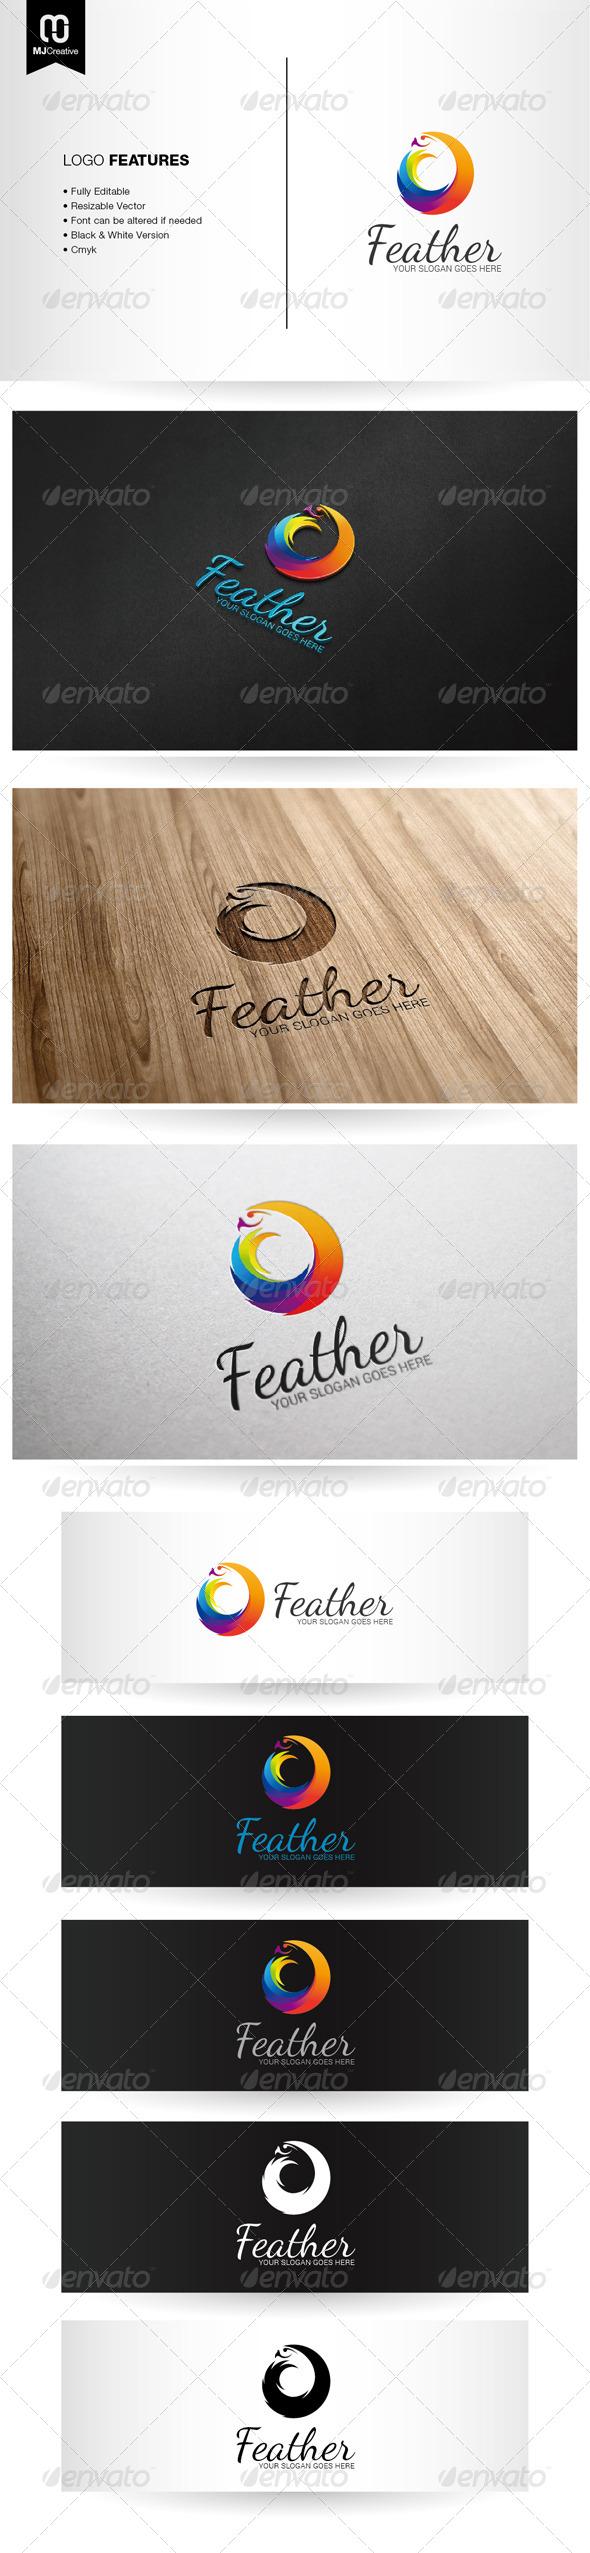 Abstract Colorful Bird Logo